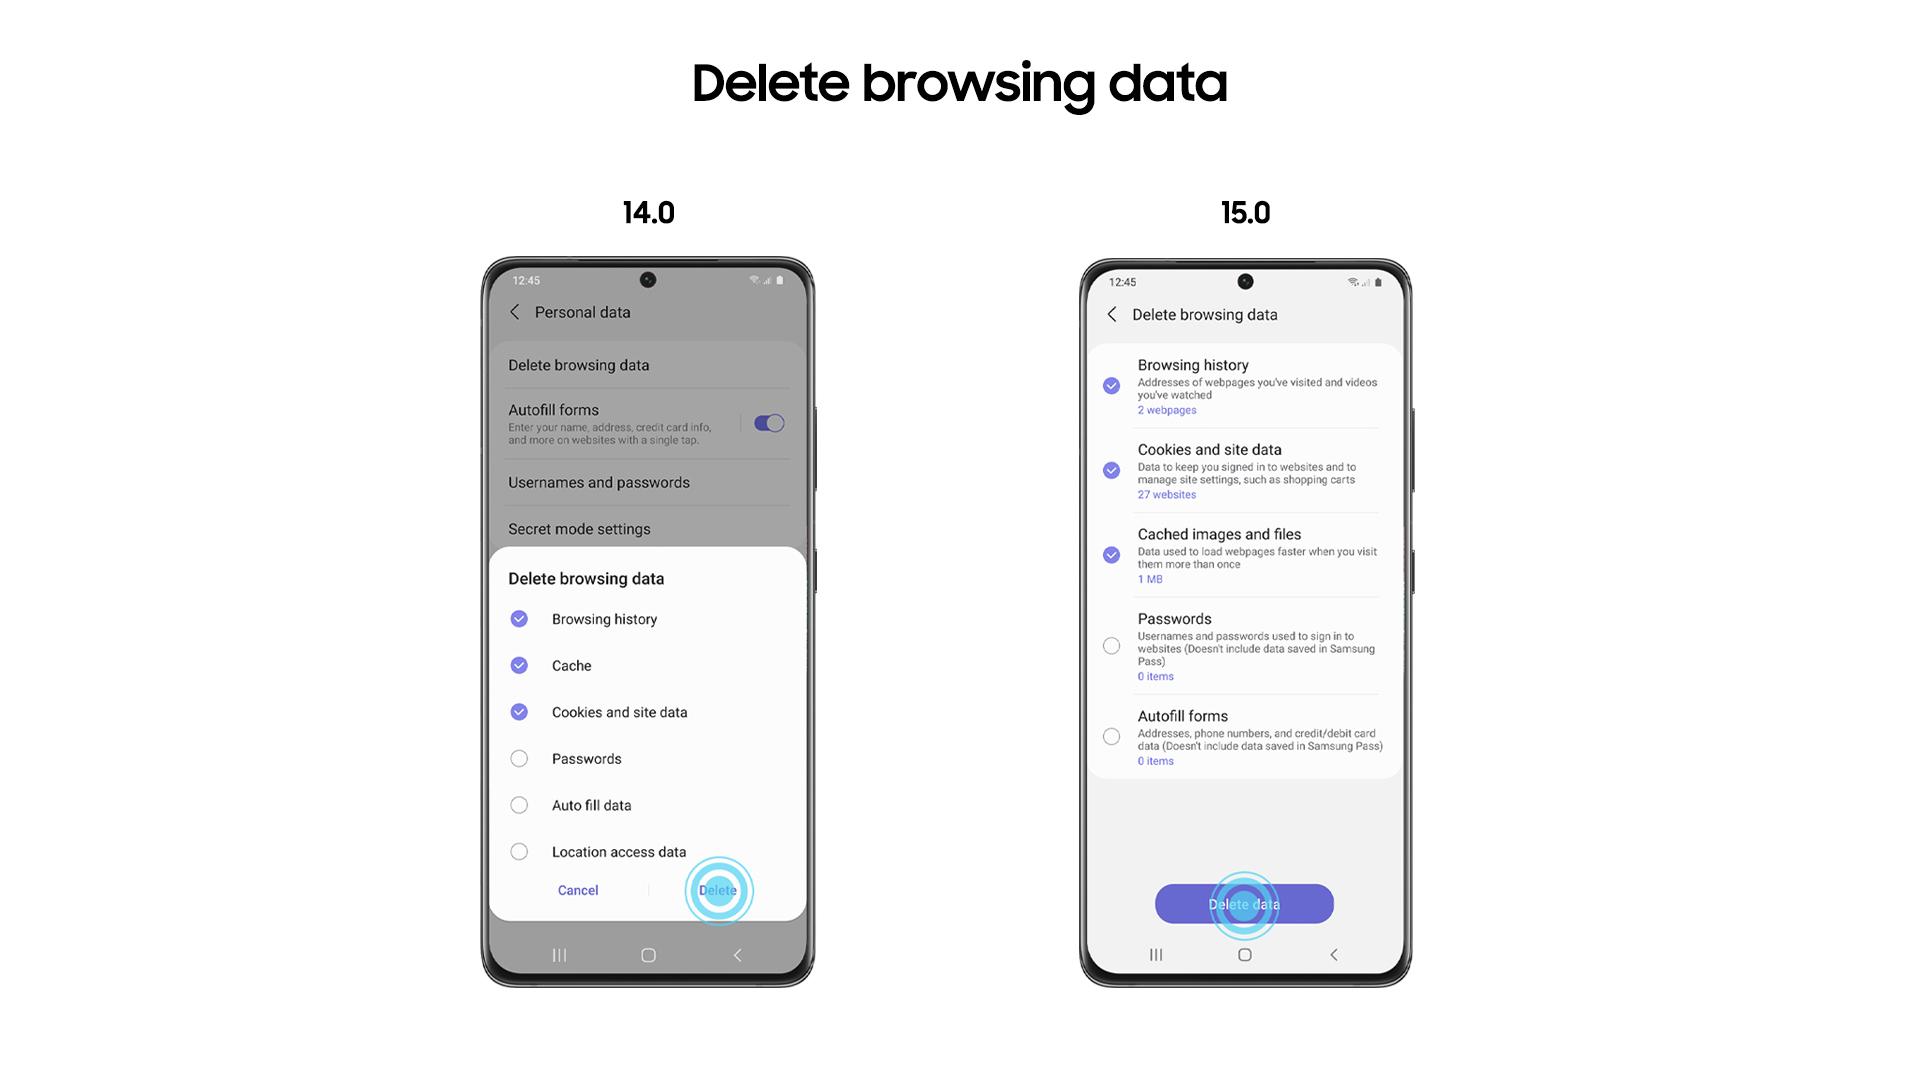 Samsung Internet 15.0